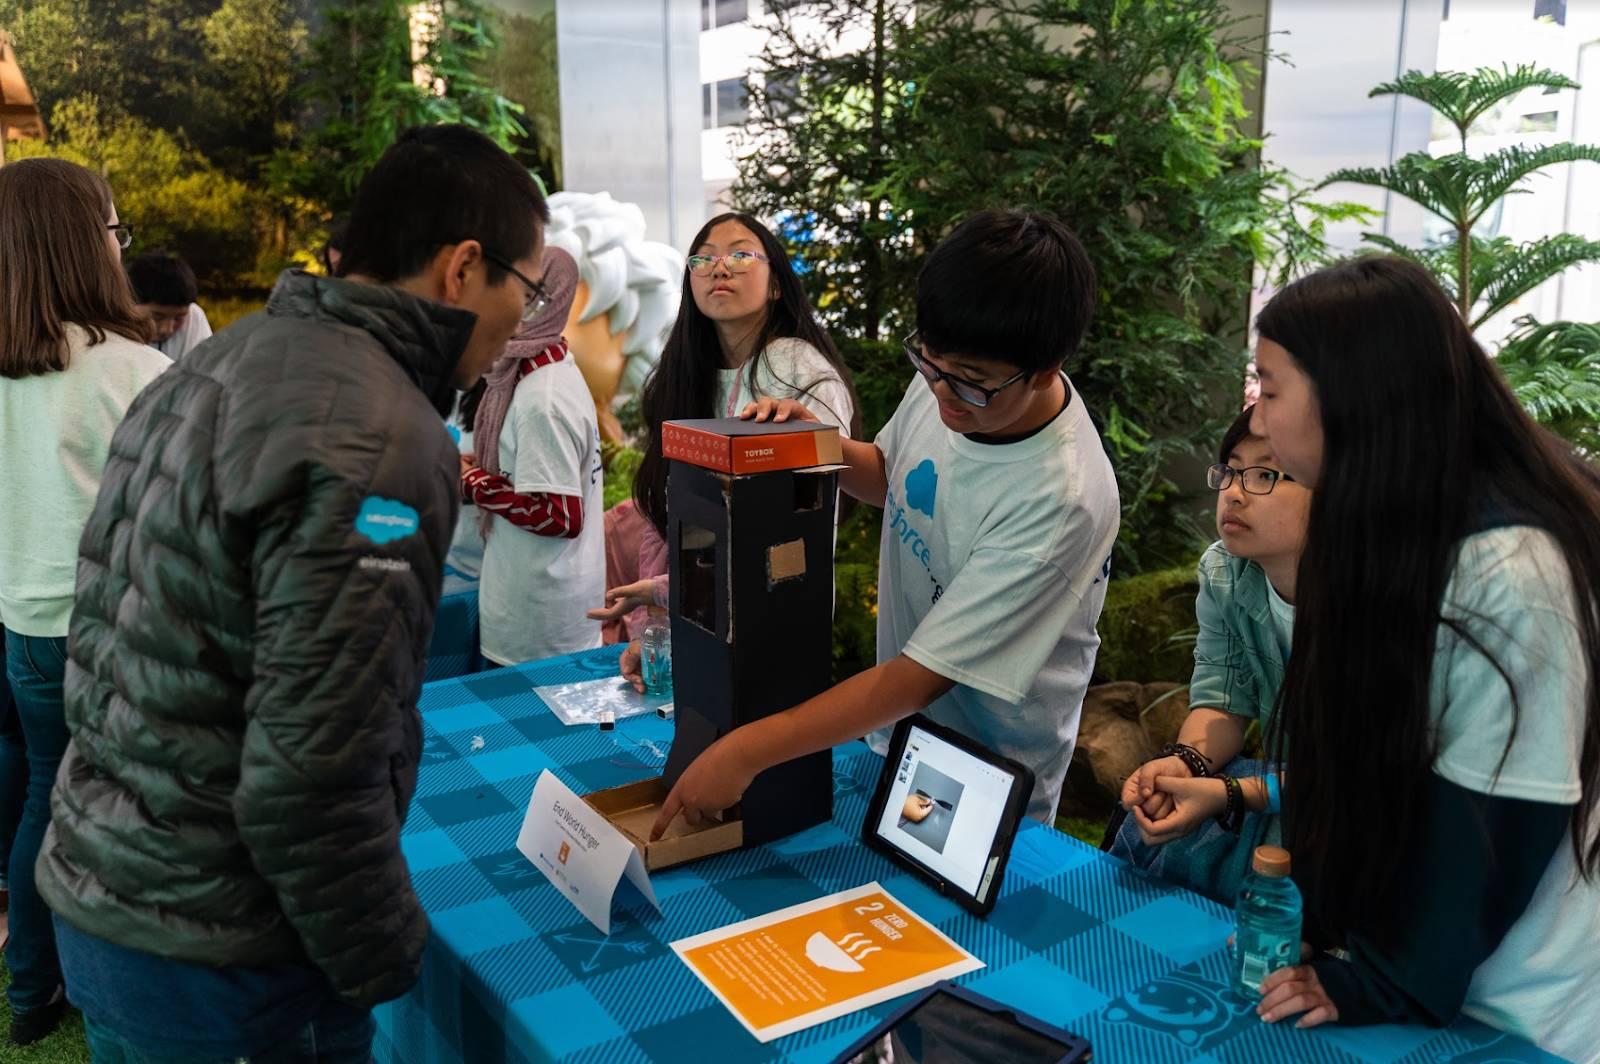 Schüler und Schülerinnen stellen ihren Prototyp auf der Maker Faire von Salesforce in der San Francisco Bay Area vor